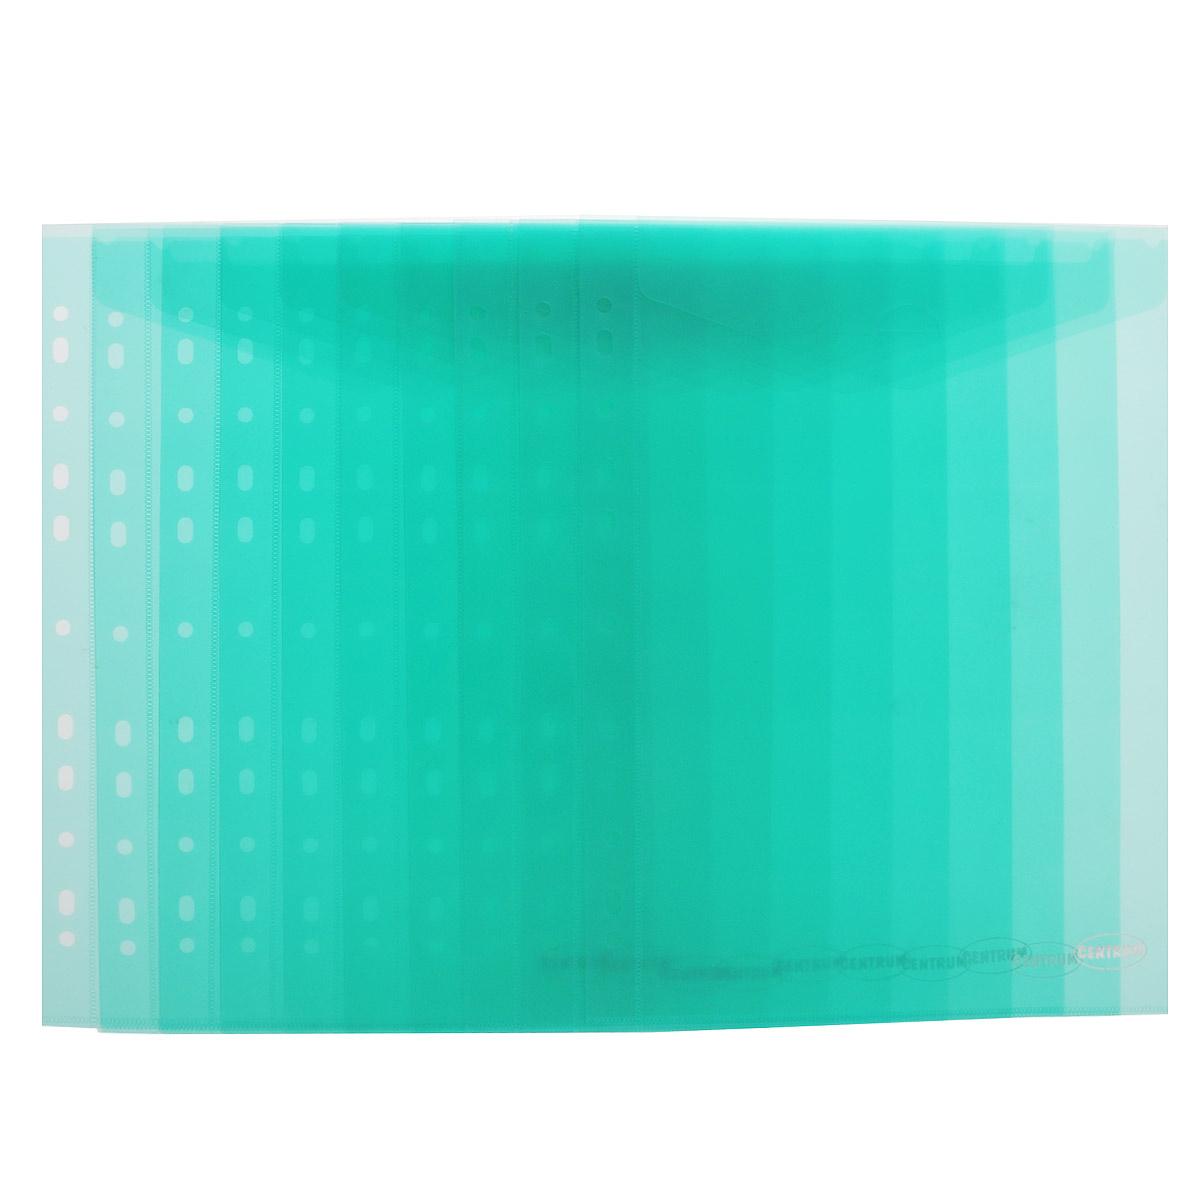 Папка-конверт Centrum, вертикальная, с перфорацией, цвет: зеленый. Формат А4, 10 штFS-36054Папка-конверт Centrum, вертикальная, с перфорацией - это удобный и функциональный офисный инструмент, предназначенный для хранения и транспортировки рабочих бумаг и документов формата А4.Папка изготовлена из полупрозрачного глянцевого пластика, имеет перфорацию. Закрывается с помощью обычного клапана. В комплект входят 10 папок формата A4.Папка-конверт - это незаменимый атрибут для студента, школьника, офисного работника. Такая папка надежно сохранит ваши документы и сбережет их от повреждений, пыли и влаги.